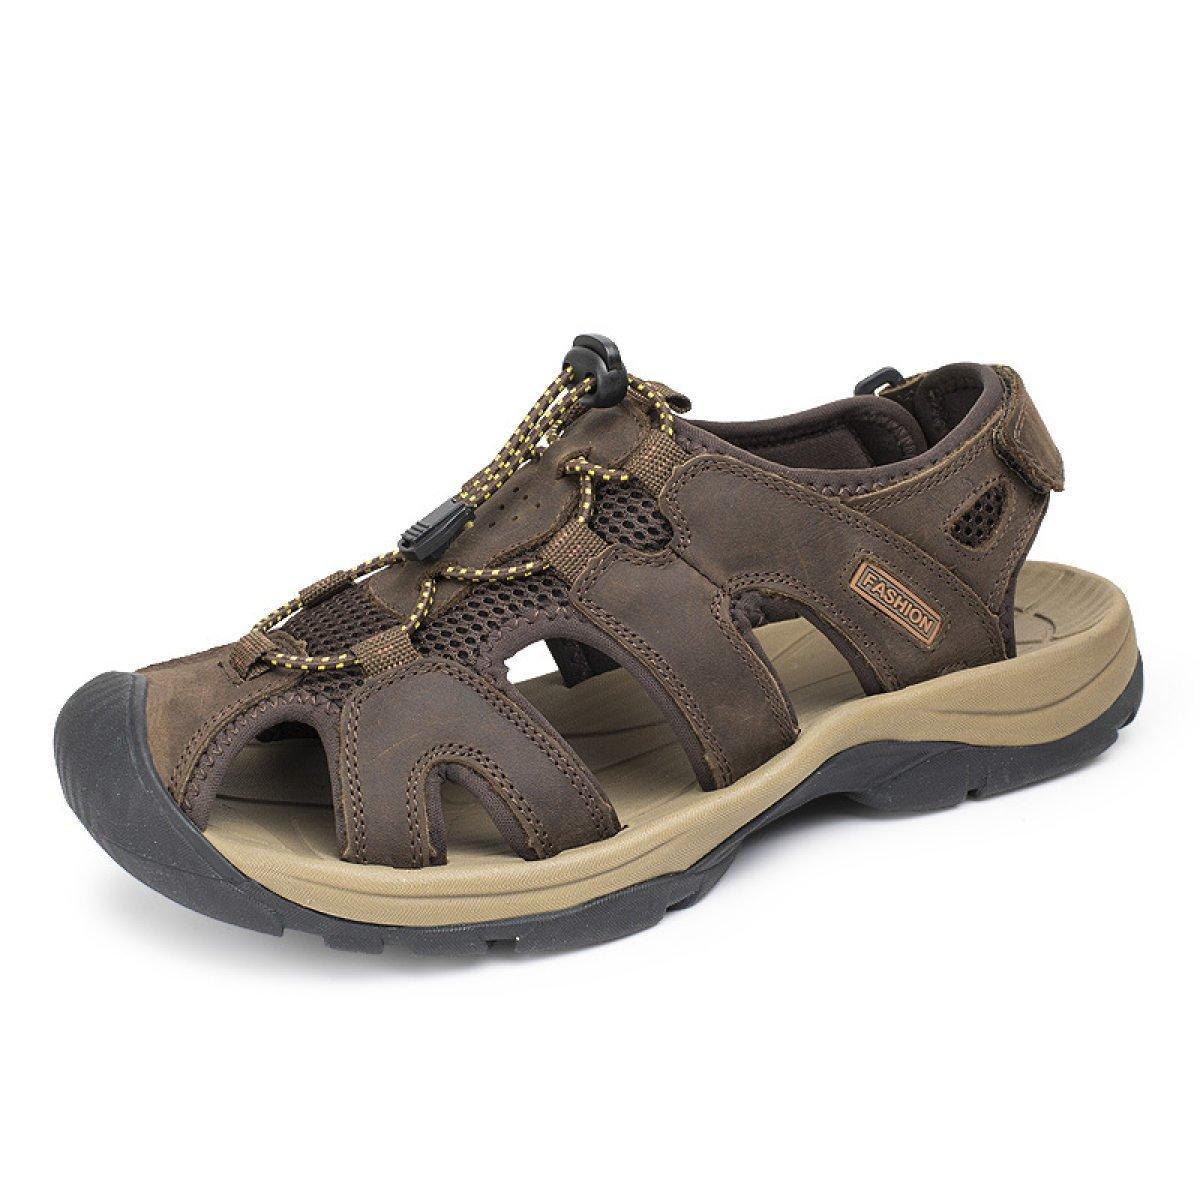 LXXAMens Verano Playa Sandalias Zapatos Al Aire Libre Velcro Zapatos Deportivos,Brown2-46EU 46EU|Brown2